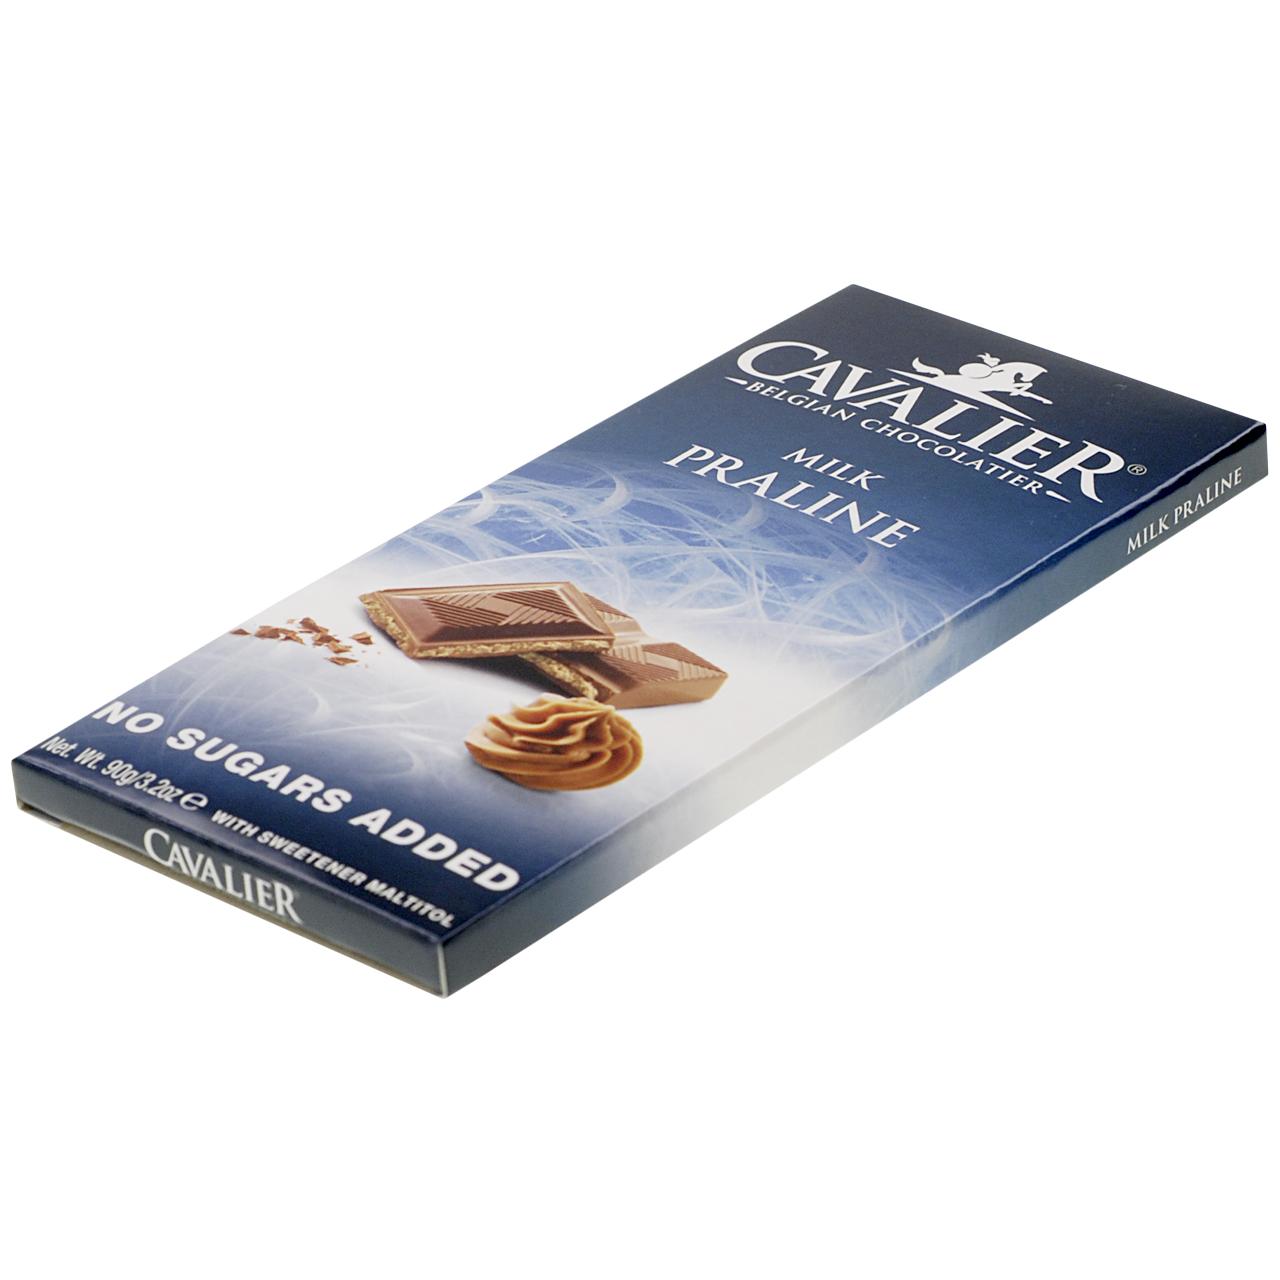 """Cavalier Schokolade """"Milk Praline"""" 90 g, zuckerfreie Schokolade. Schokolade ohne Zucker kaufen, Süßigkeiten ohne Zucker. zuckerfreie Süßigkeiten kaufen."""